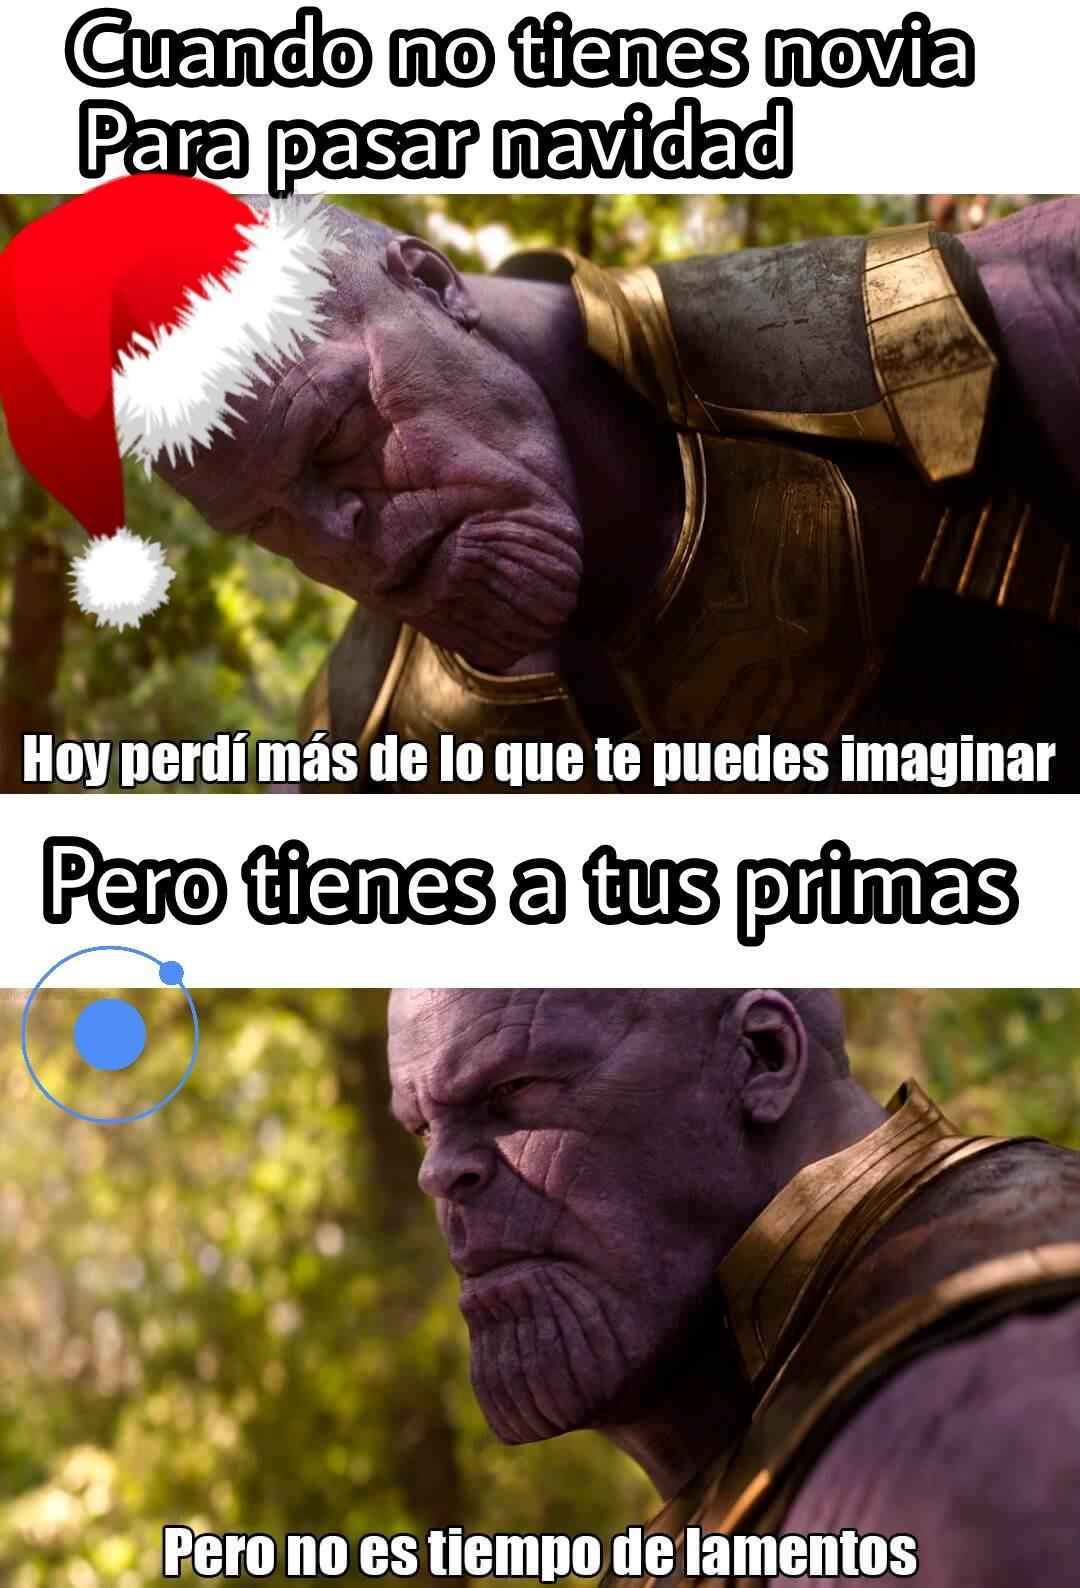 El título les desea una feliz navidad - meme